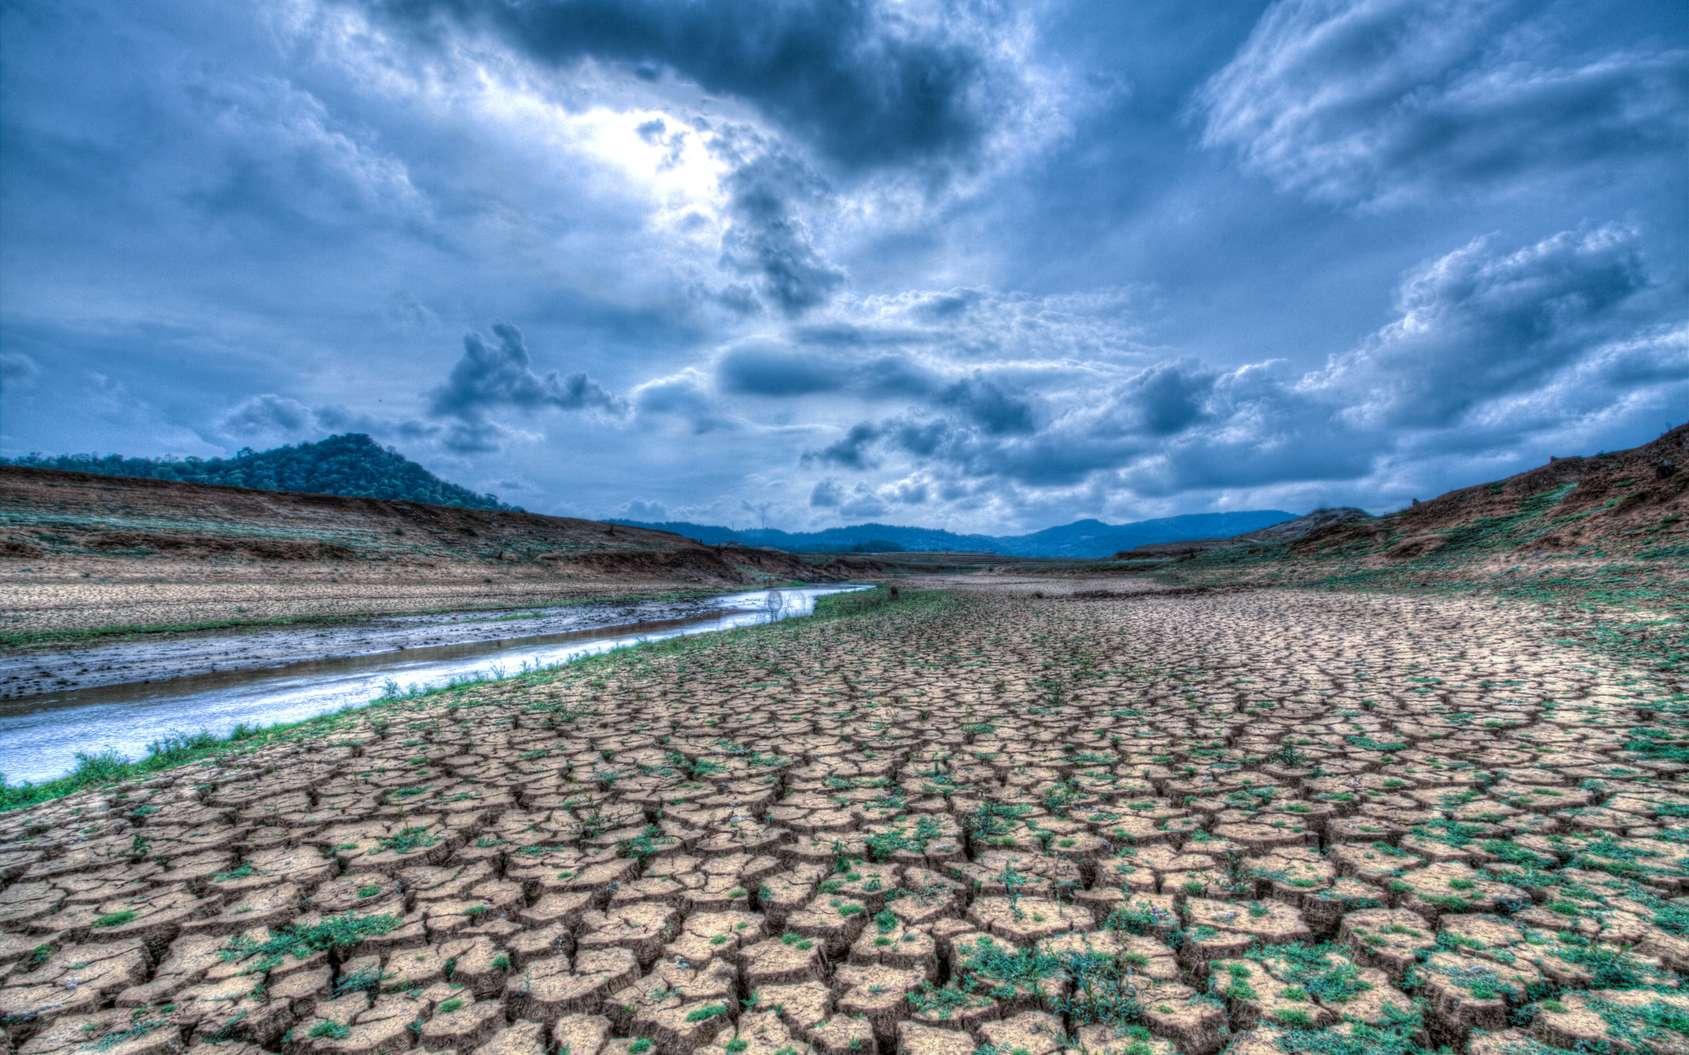 Des pluies plus intenses, mais des rivières à sec. © Siyapath - Fotolia